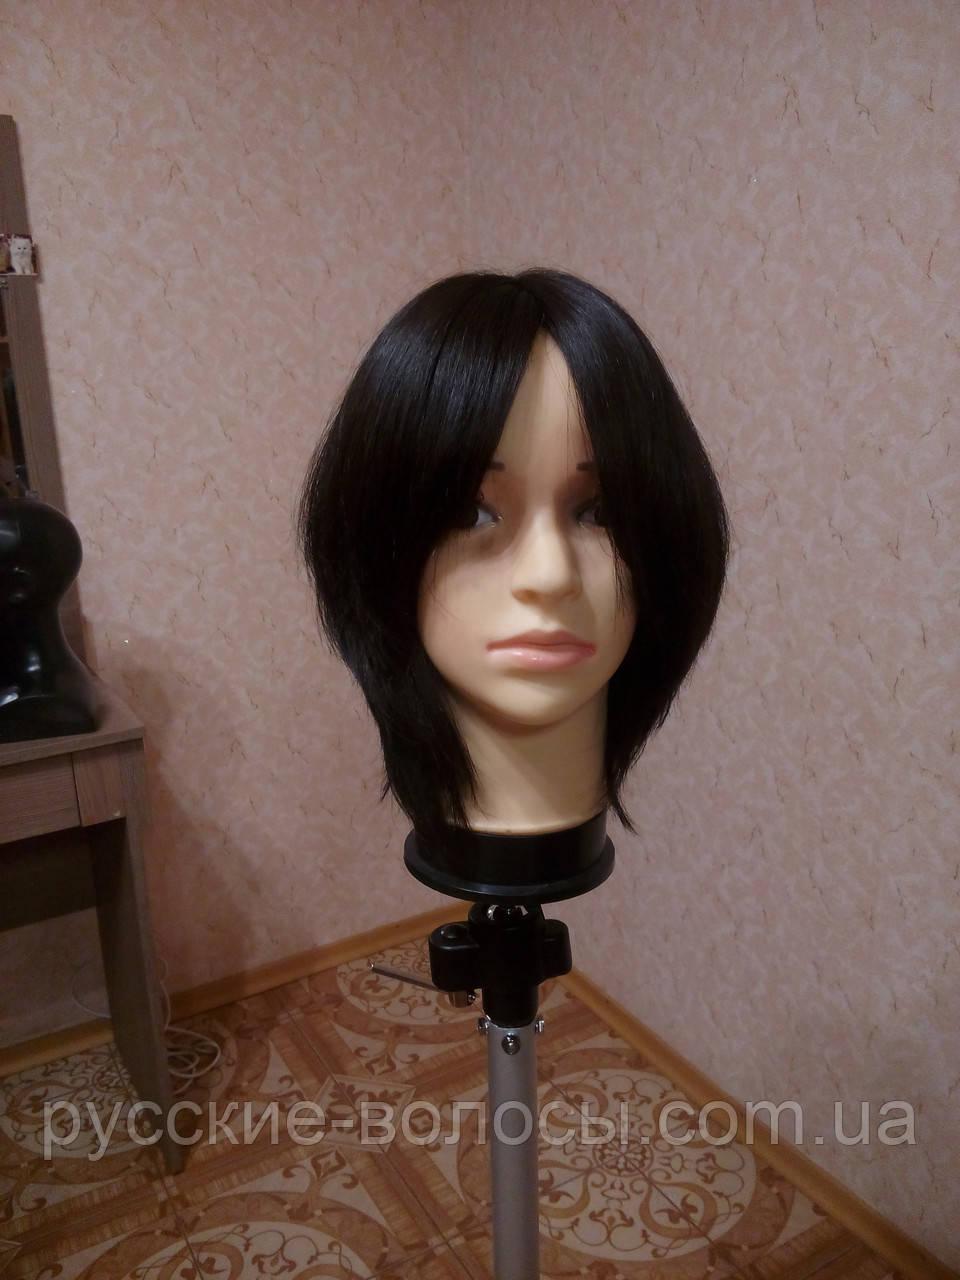 Женский парик из натуральных славянских волос, черный. Имитация кожи головы.